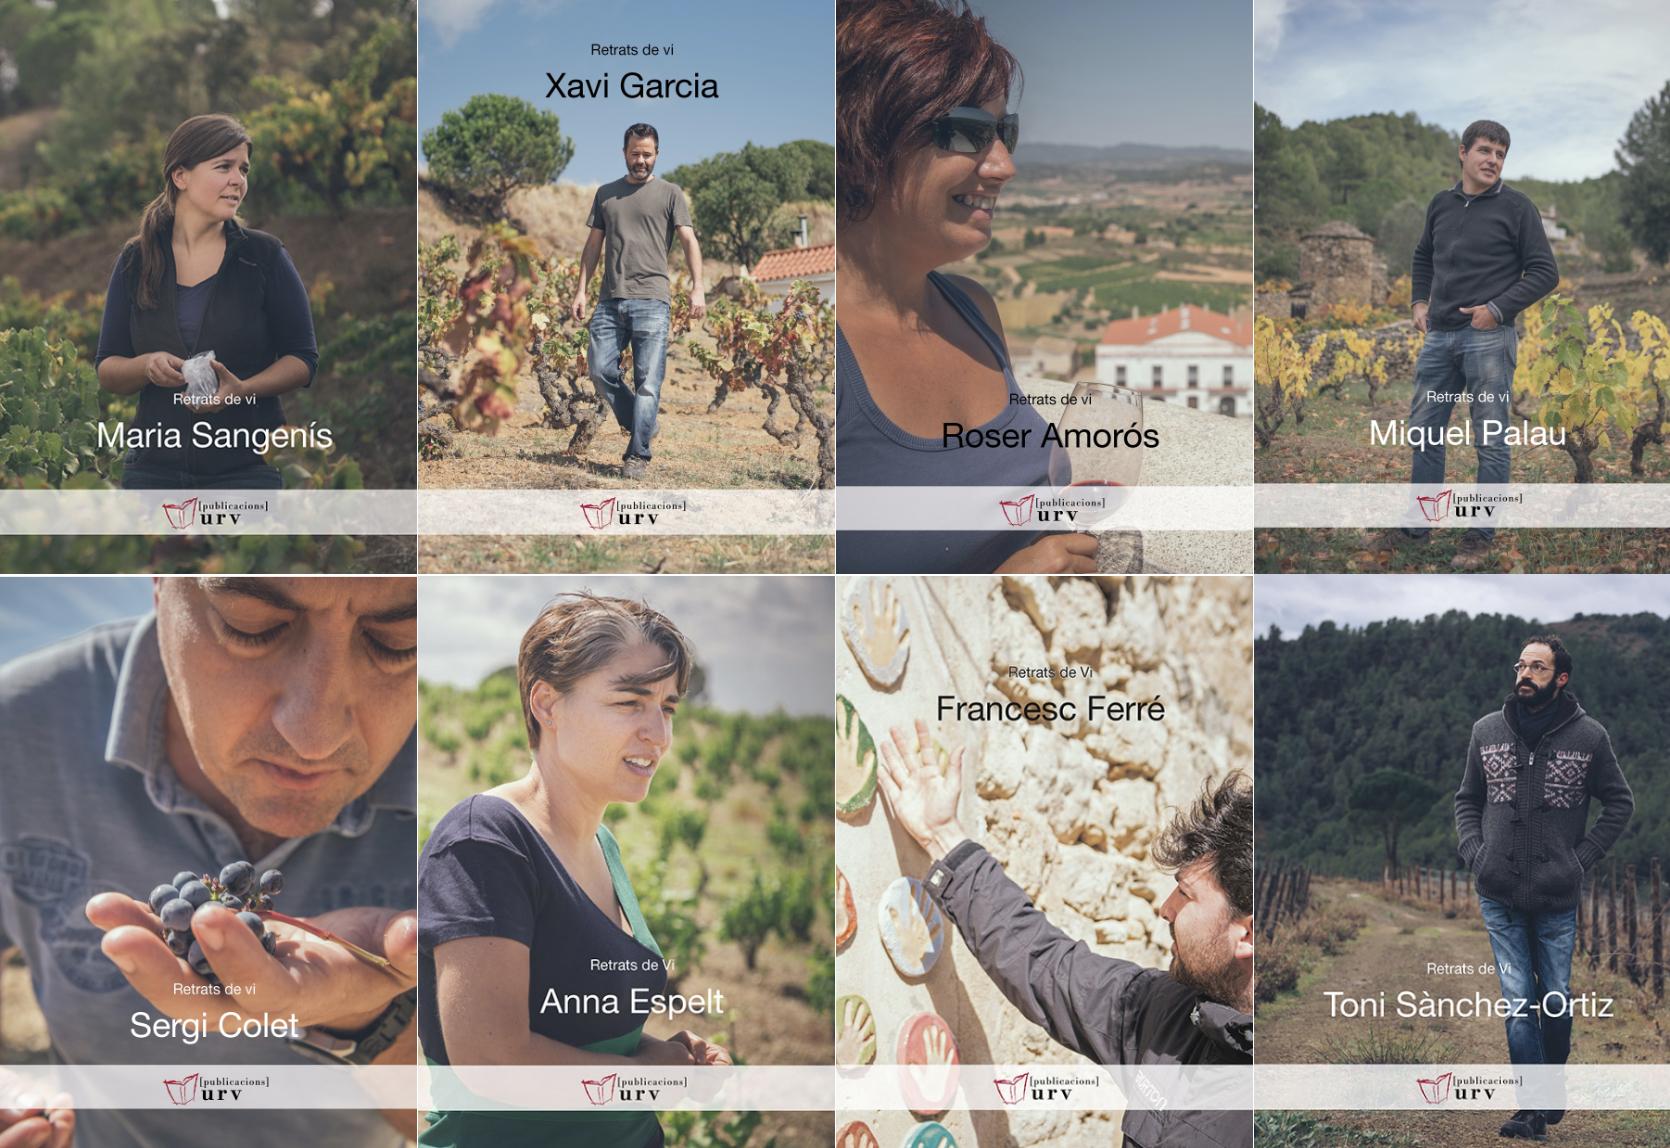 Retratos_de_vino_cubiertas